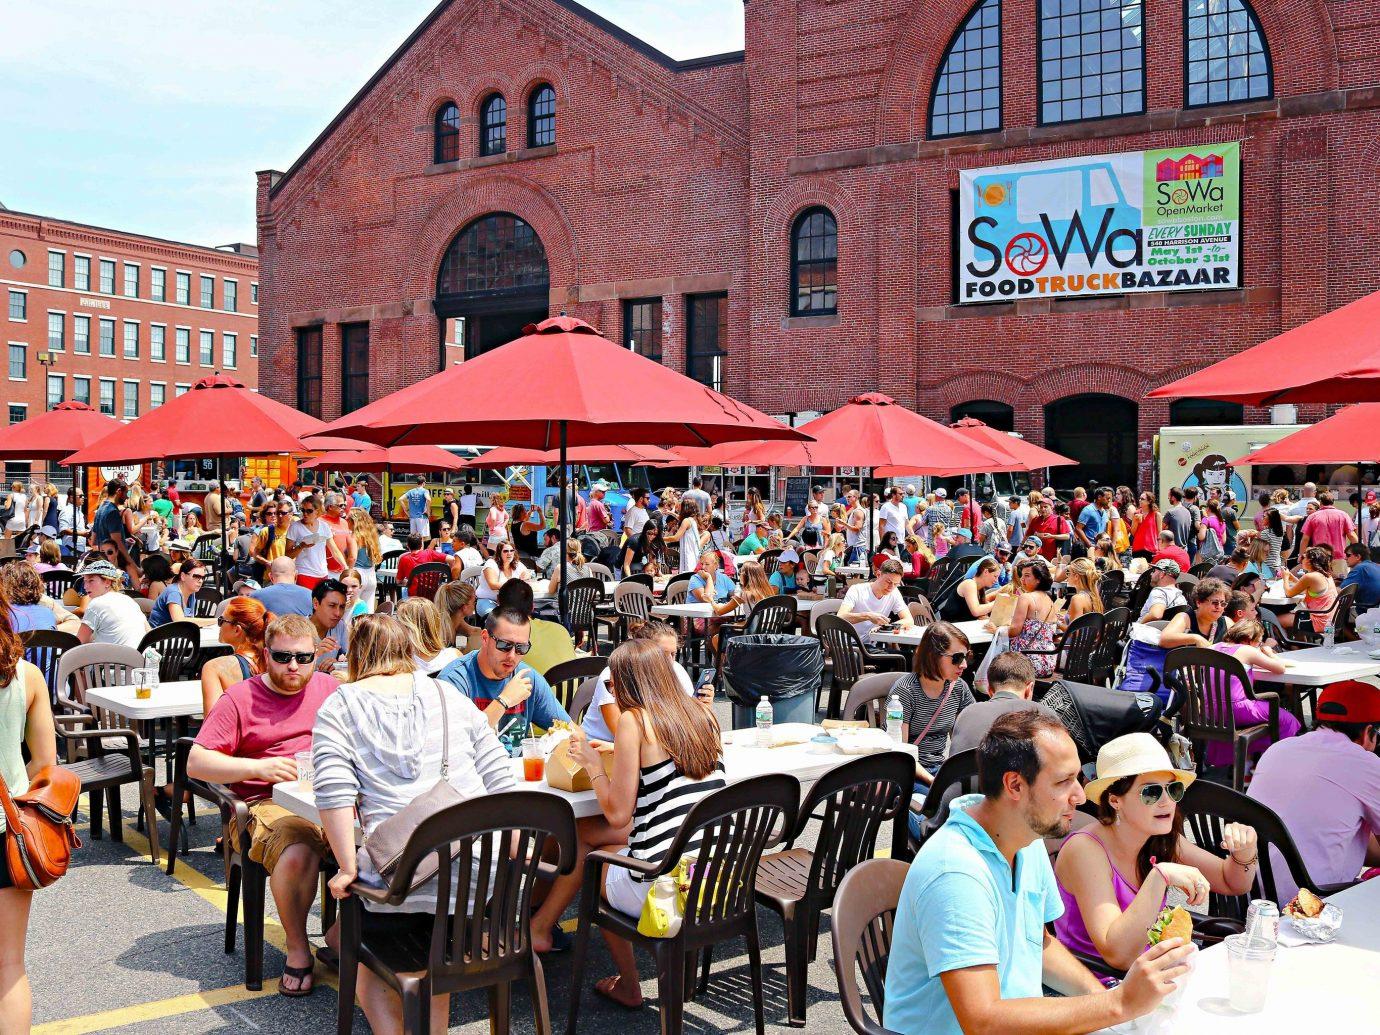 Trip Ideas person building outdoor crowd marketplace public space people City market fête tourism block party festival fair recreation